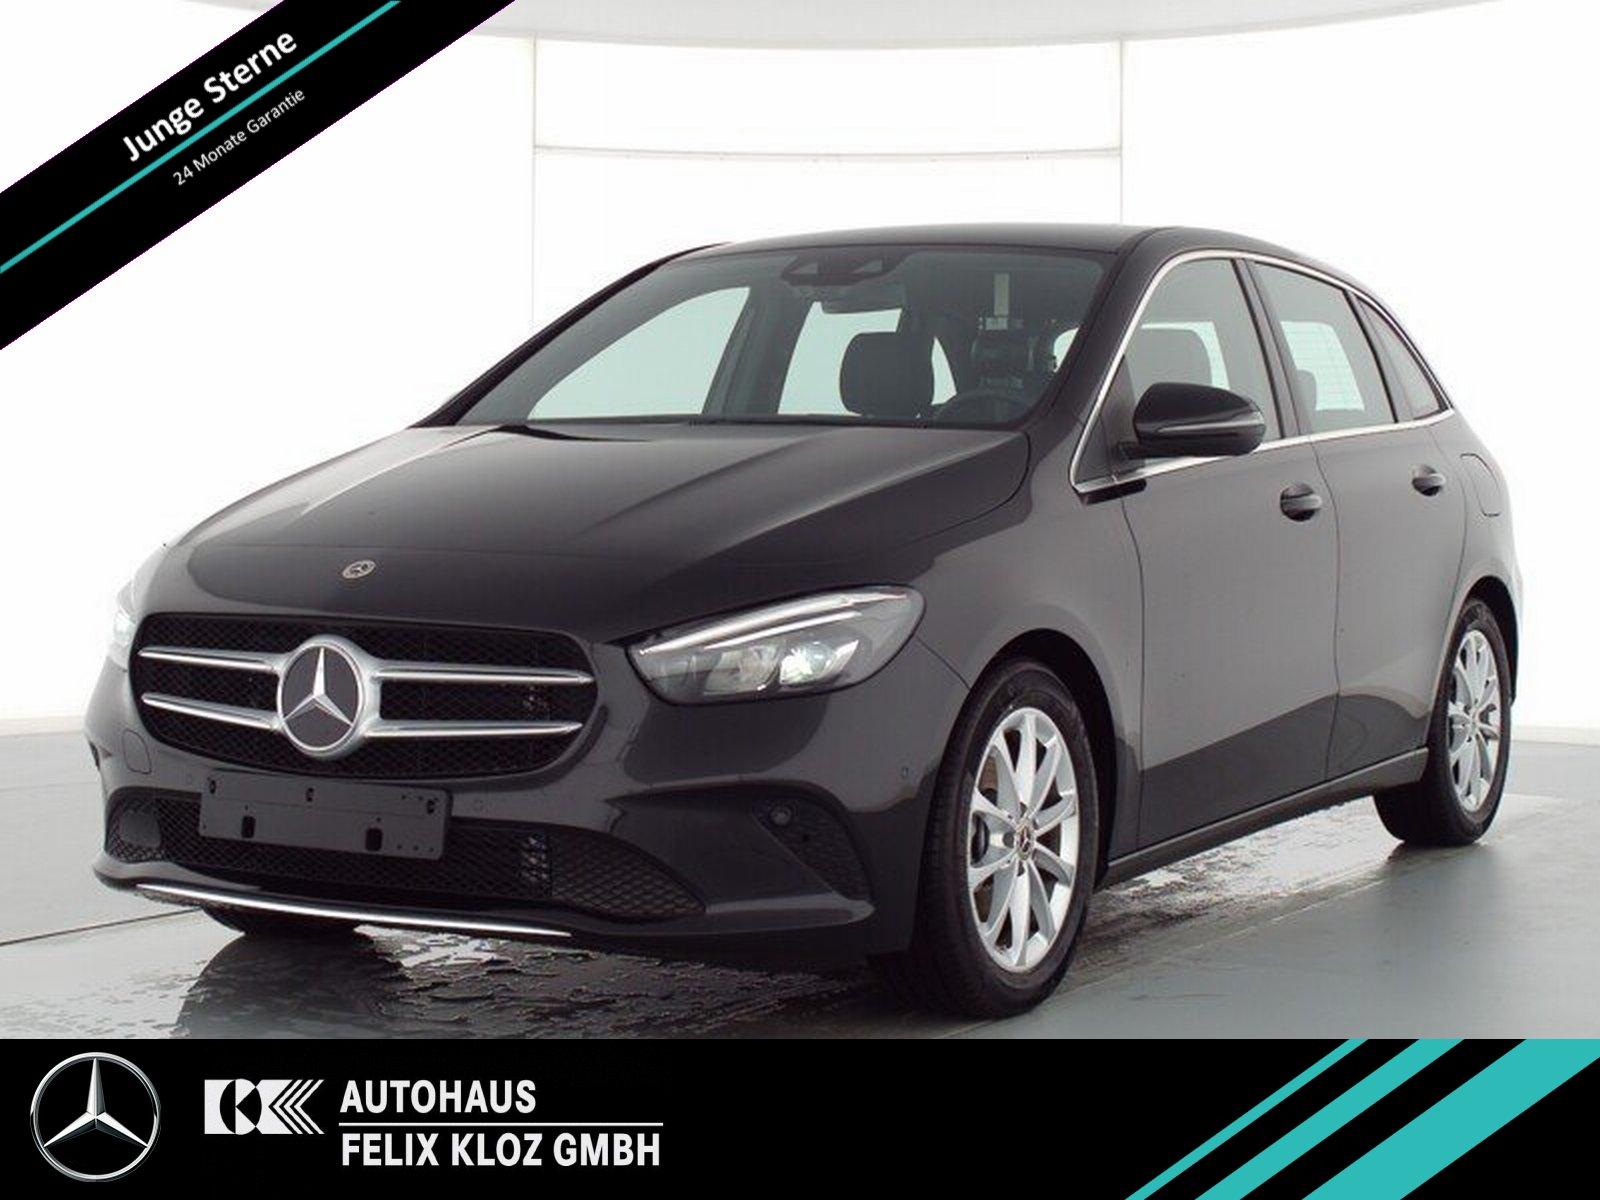 Mercedes-Benz B 180 Progressive*Kamera*LED*MBUX*7G-DCT*Sitzhzg, Jahr 2020, Benzin